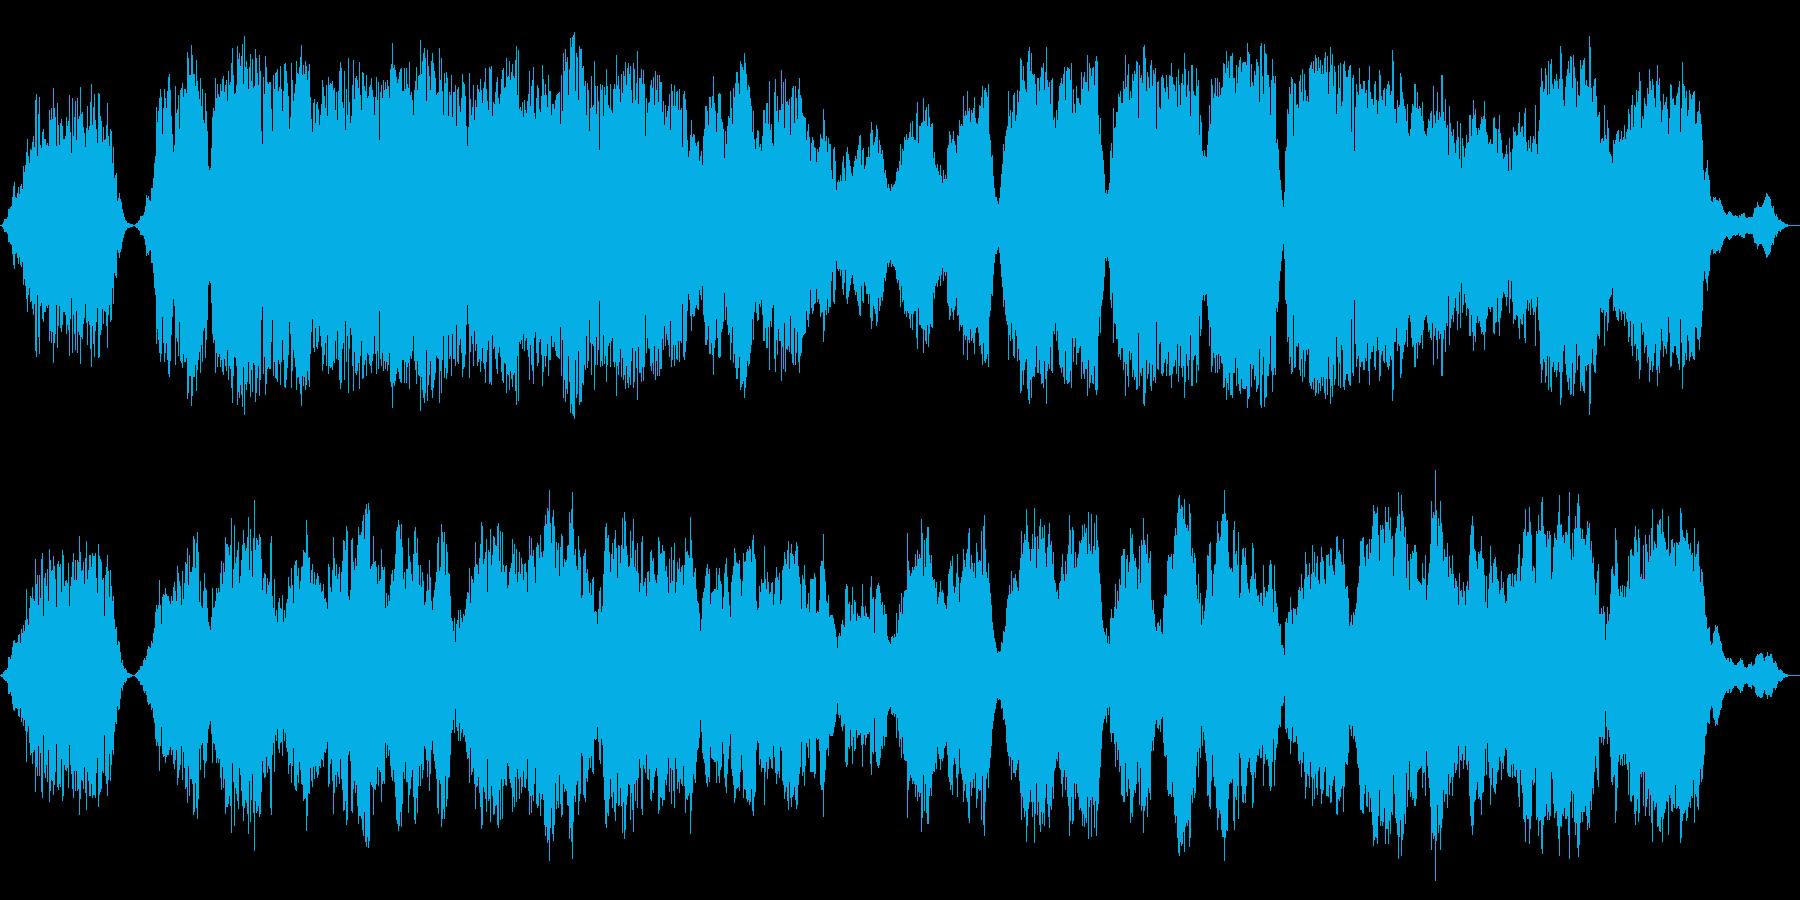 悲しく神秘的な曲の再生済みの波形